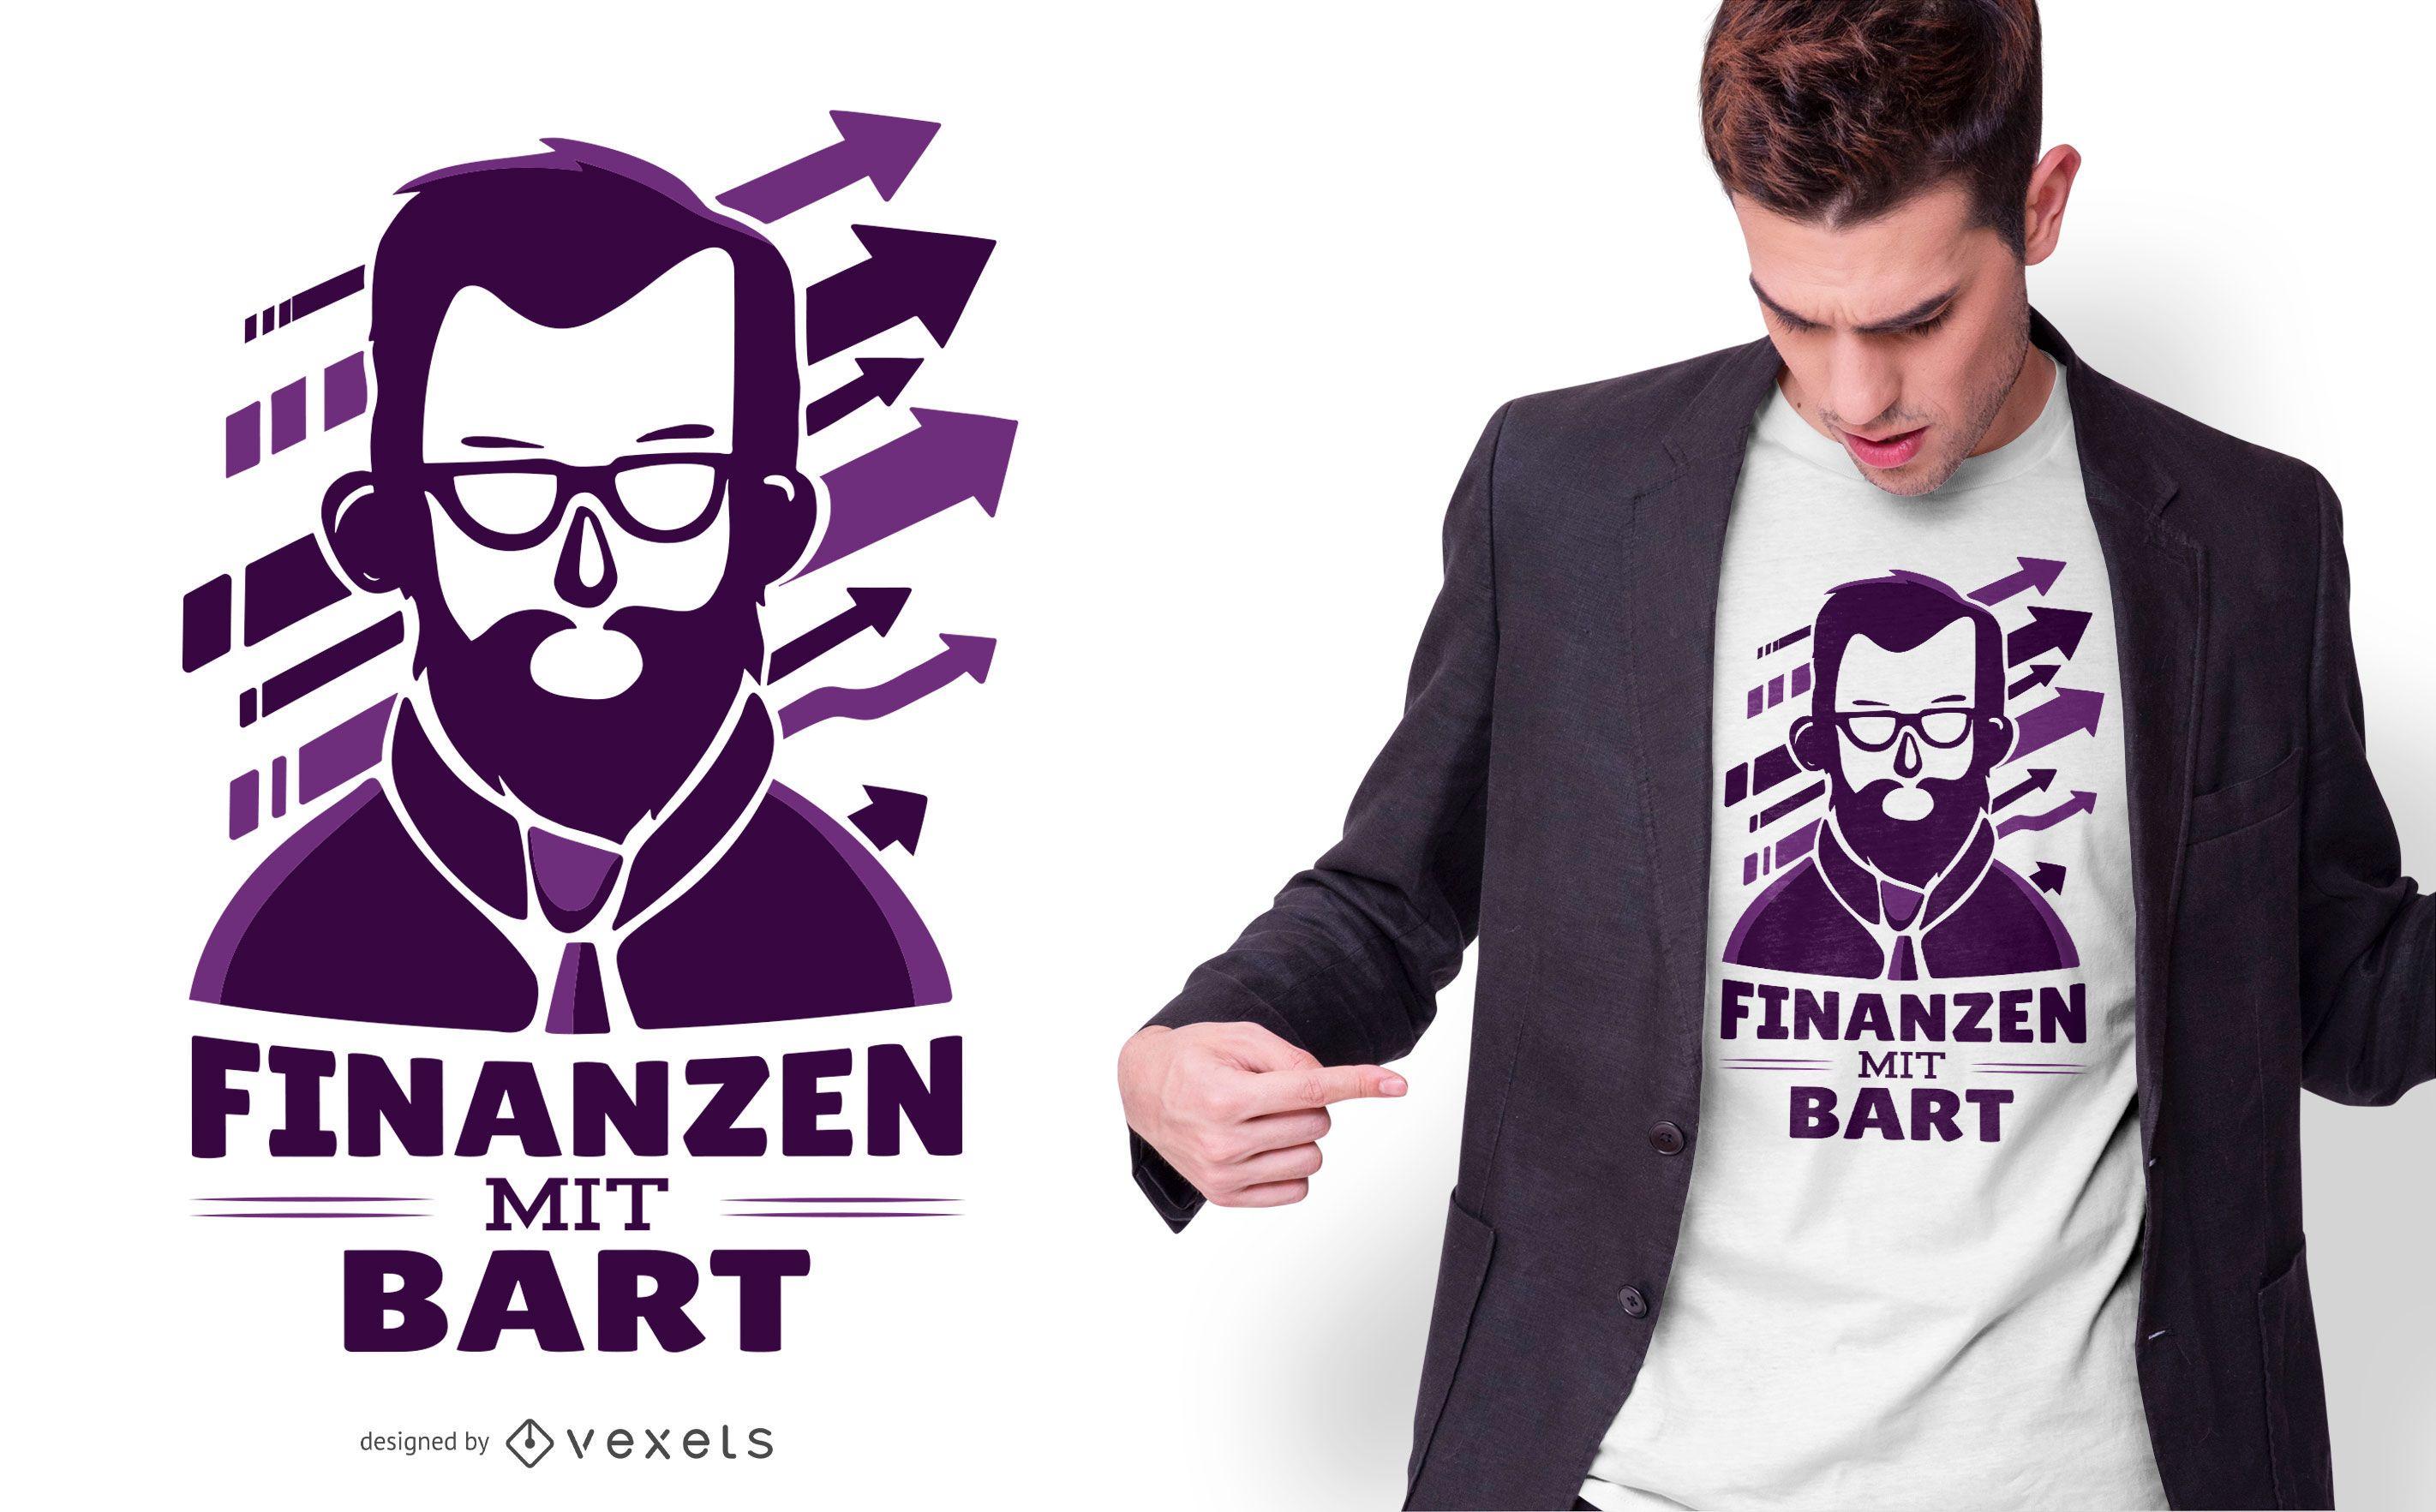 Beard finances t-shirt design